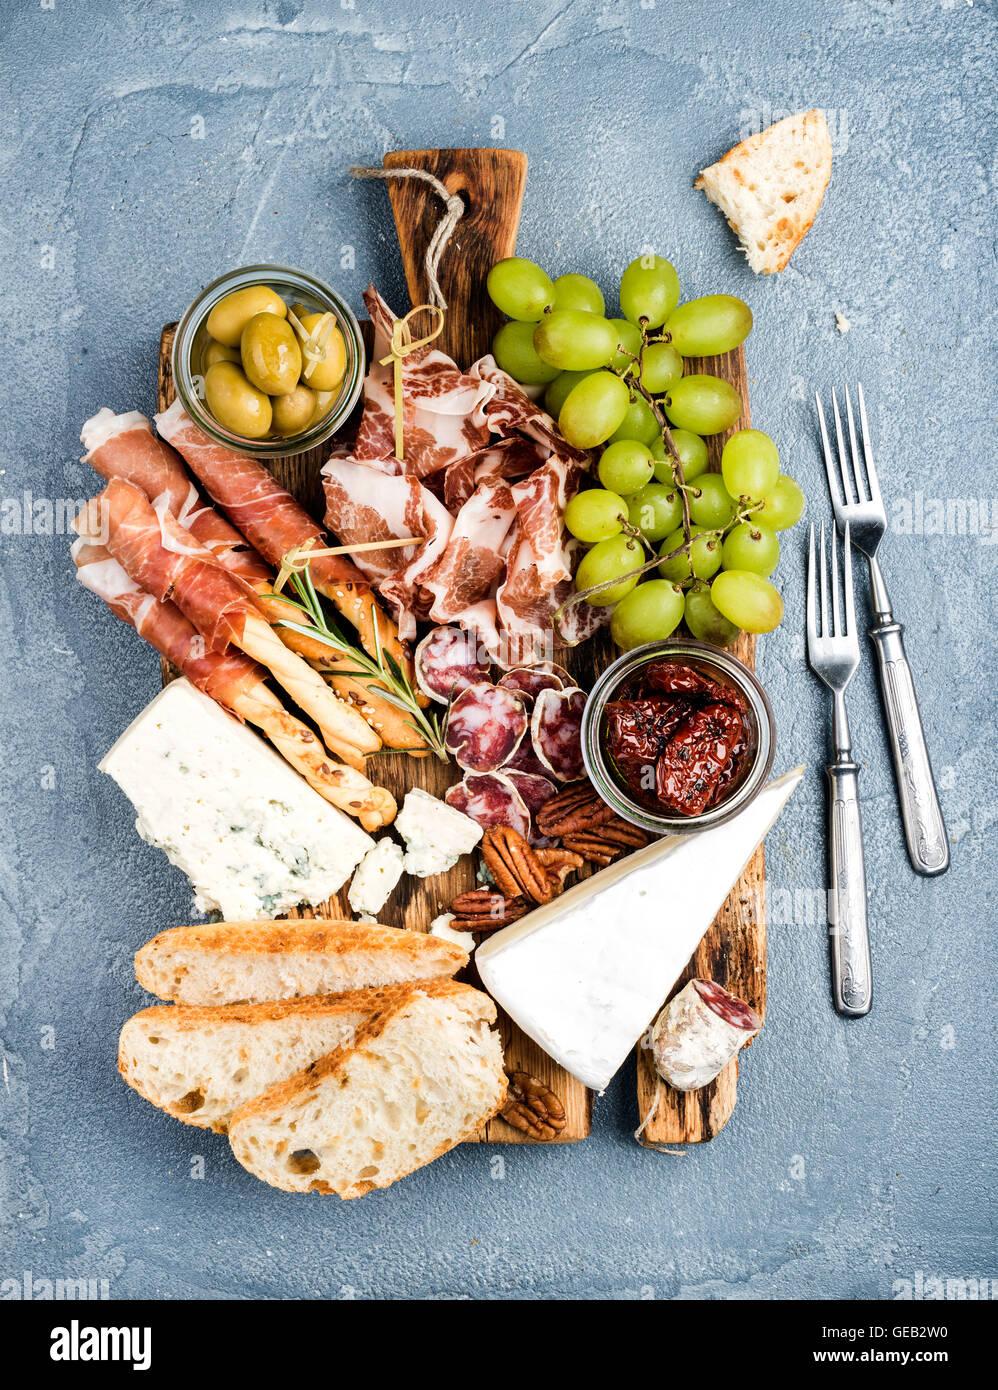 Käse und Fleisch Vorspeise Auswahl. Parmaschinken, Salami, Brot-Sticks, Baguette Scheiben, Oliven, getrocknete Stockbild